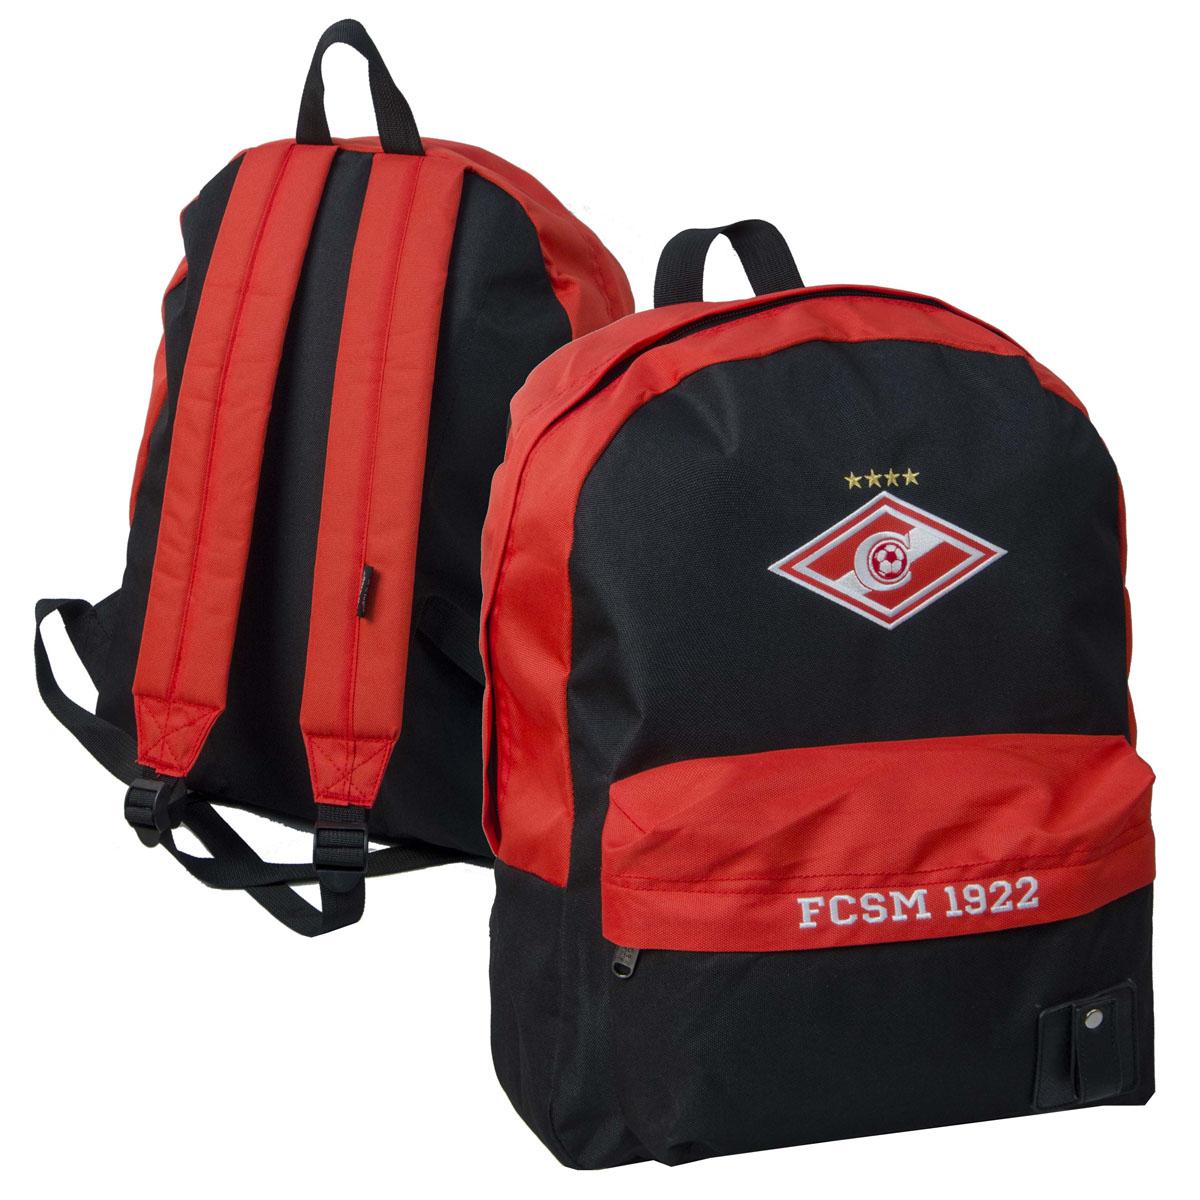 Рюкзак спортивный Спартак, цвет: черно-красный, 18 л. 54066 ( 54006 )